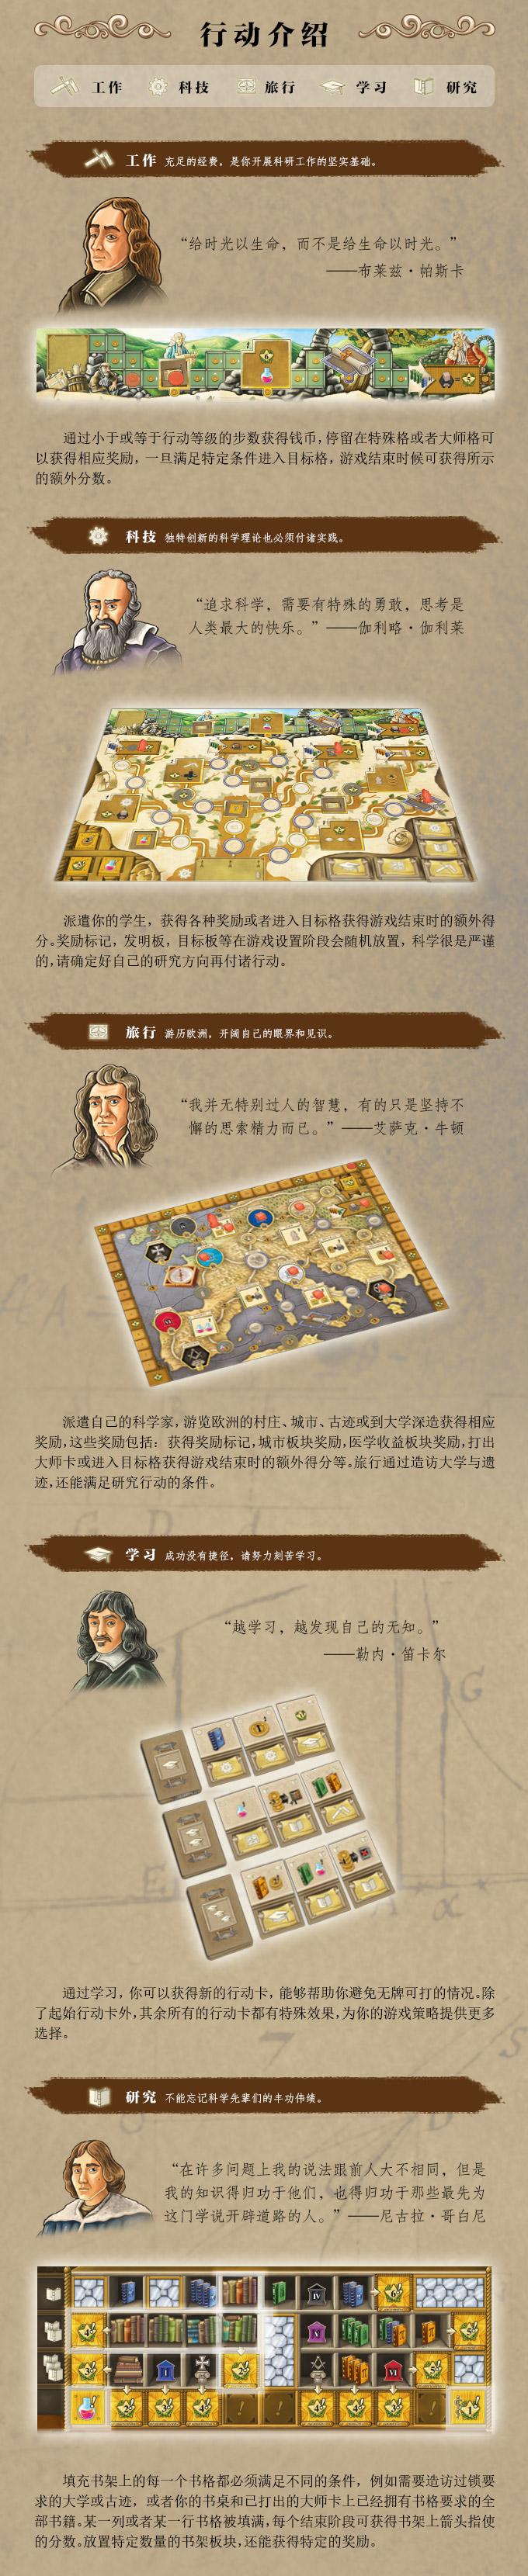 牛顿众筹-长图_05.jpg